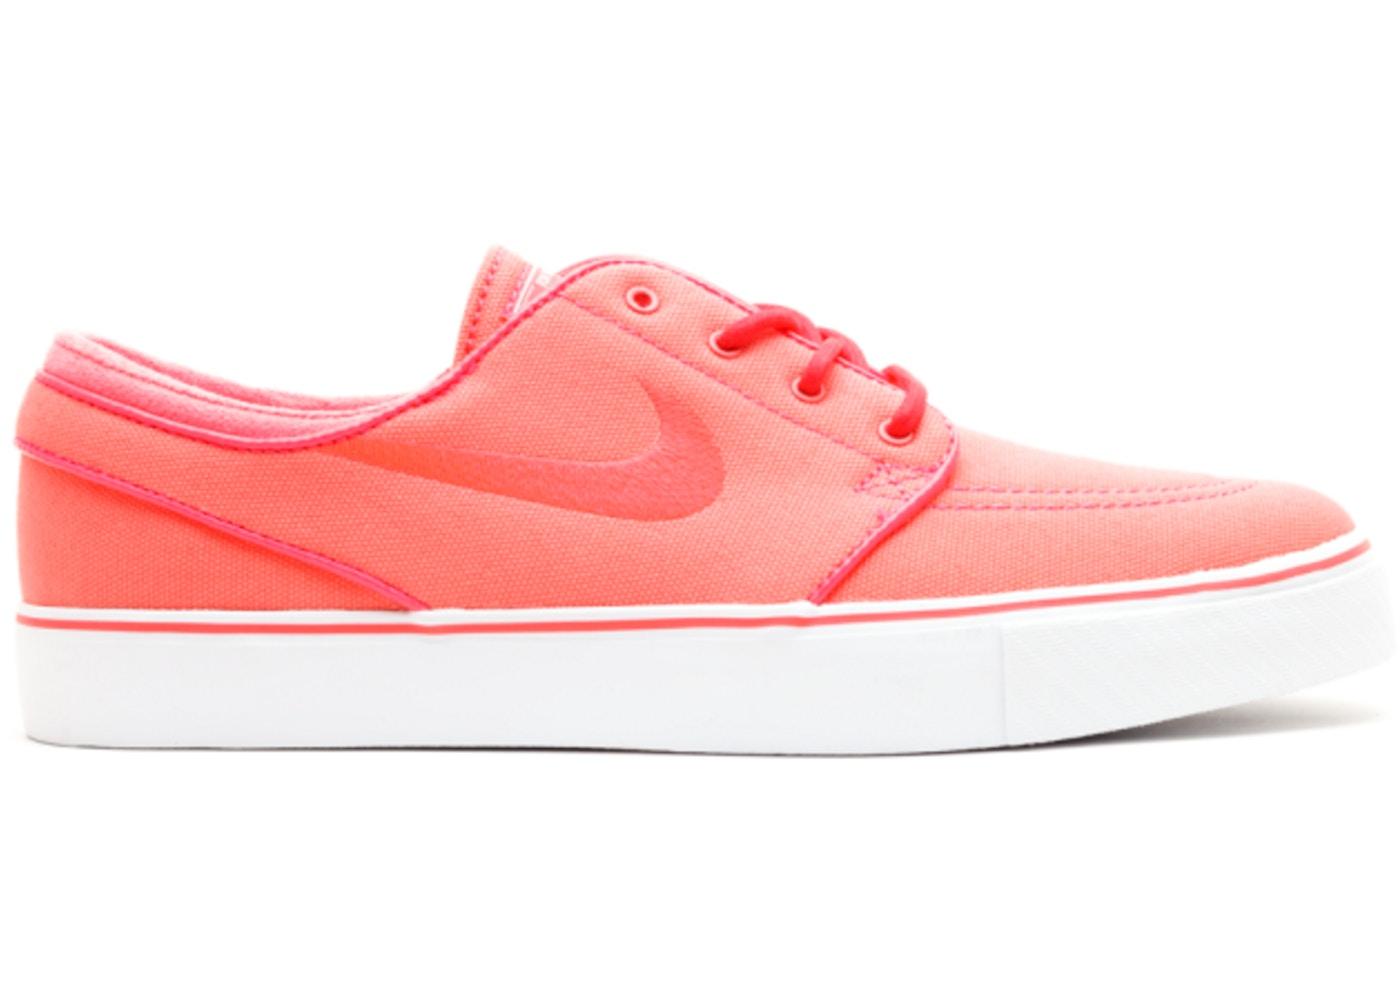 c7f91e918b8a Nike SB Stefan Janoski Zoom Atomic Red - 333824-661